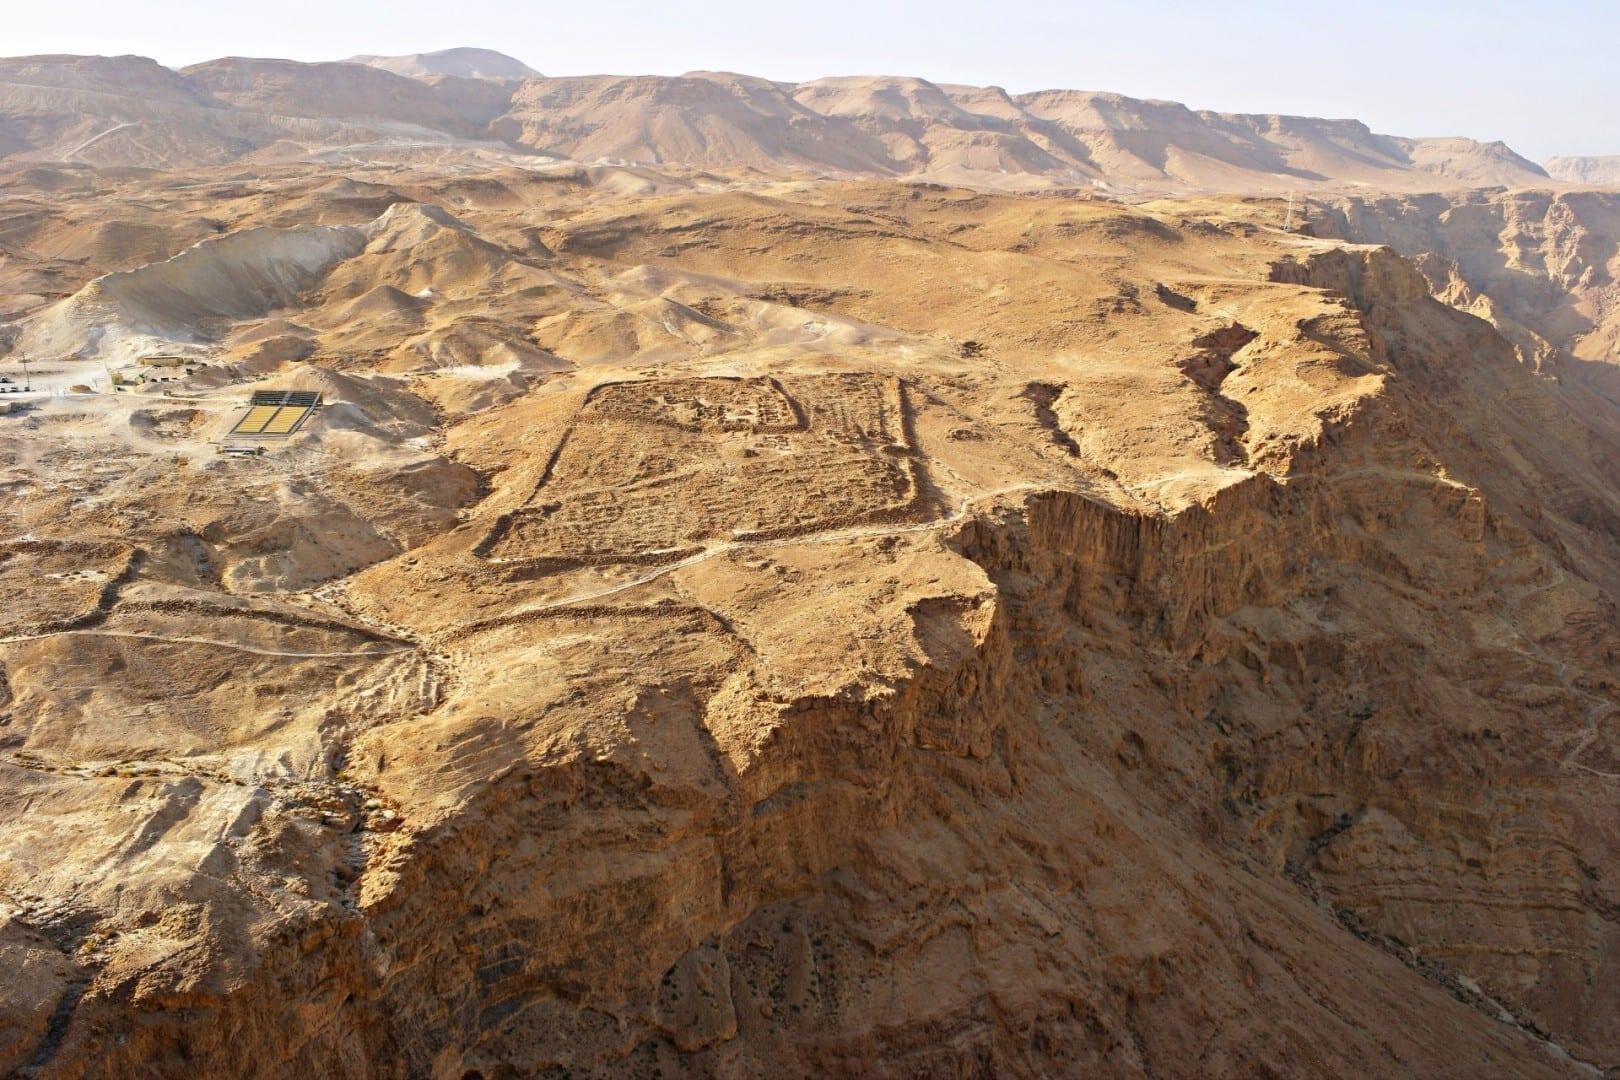 Un campamento de asedio romano fotografiado en la cima de Masada Masada Israel